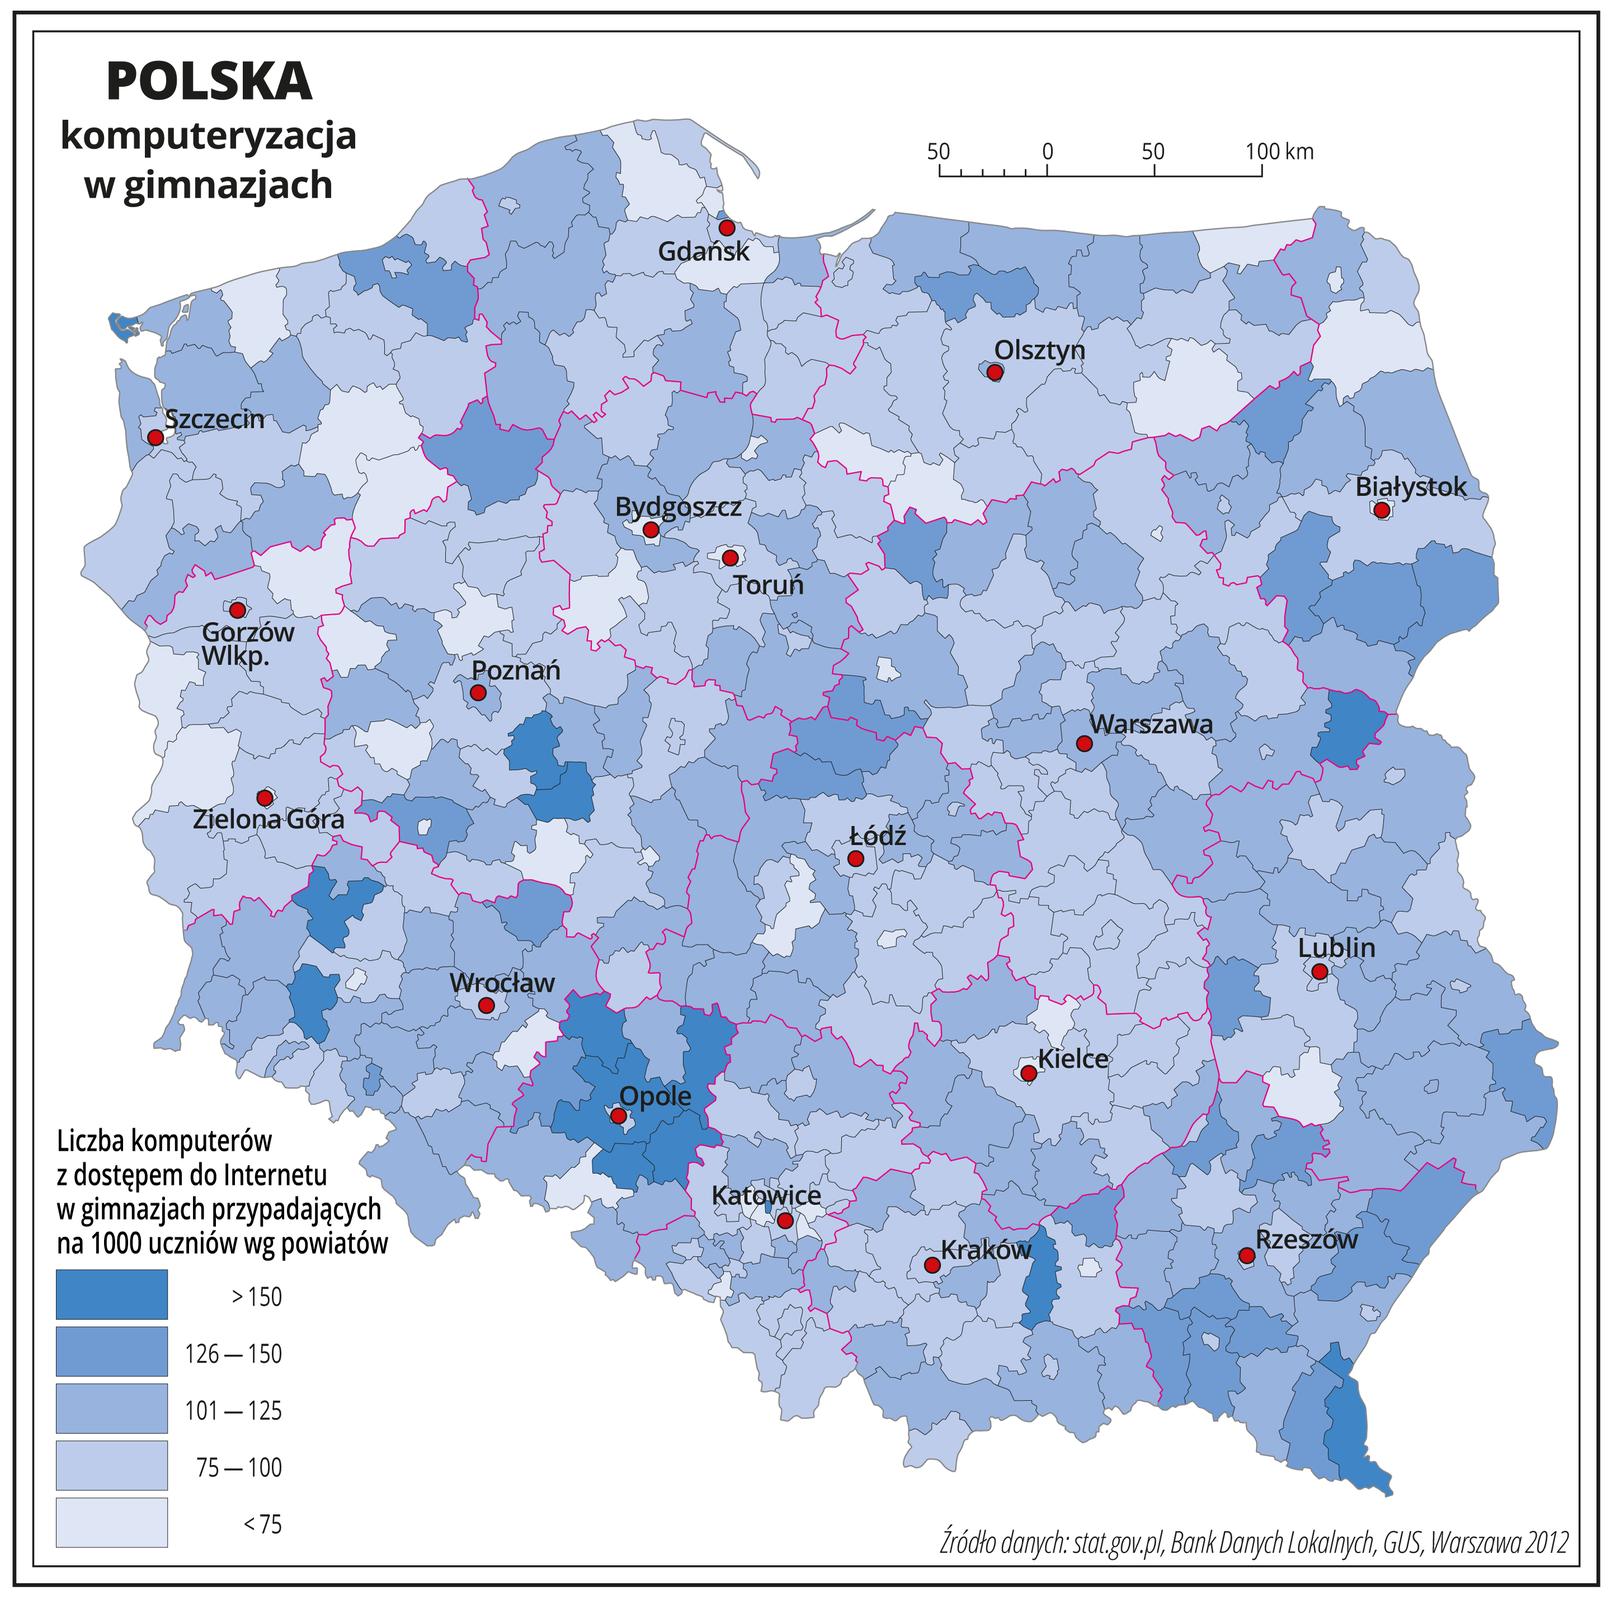 Ilustracja przedstawia mapę Polski zpodziałem na województwa ipowiaty. Granice województw zaznaczone są czerwoną linią. Granice powiatów zaznaczone są czarną linią. Powierzchnie powiatów mają kolor niebieski, użyto pięciu odcieni – od błękitnego do ciemnoniebieskiego. Nasyceniem kolorów oznaczono liczbę komputerów zdostępem do Internetu wgimnazjach przypadających na tysiąc uczniów. Poszczególne kolory rozkładają się nierównomiernie iwystępują na mapie wzbliżonych ilościach. Najciemniejszy kolor jest wwojewództwie opolskim. Czerwonymi kropkami zaznaczono miasta wojewódzkie. Po lewej stronie mapy na dole wlegendzie umieszczono wpionie pięć prostokątów. Najciemniejszy – ciemnoniebieski oznacza największą liczbę komputerów zdostępem do Internetu wgimnazjach przypadających na tysiąc uczniów – powyżej sto pięćdziesiąt. Najjaśniejszym kolorem oznaczono powiaty, wktórych liczba komputerów zdostępem do Internetu wgimnazjach przypadających na tysiąc uczniów wynosi mniej niż siedemdziesiąt pięć.